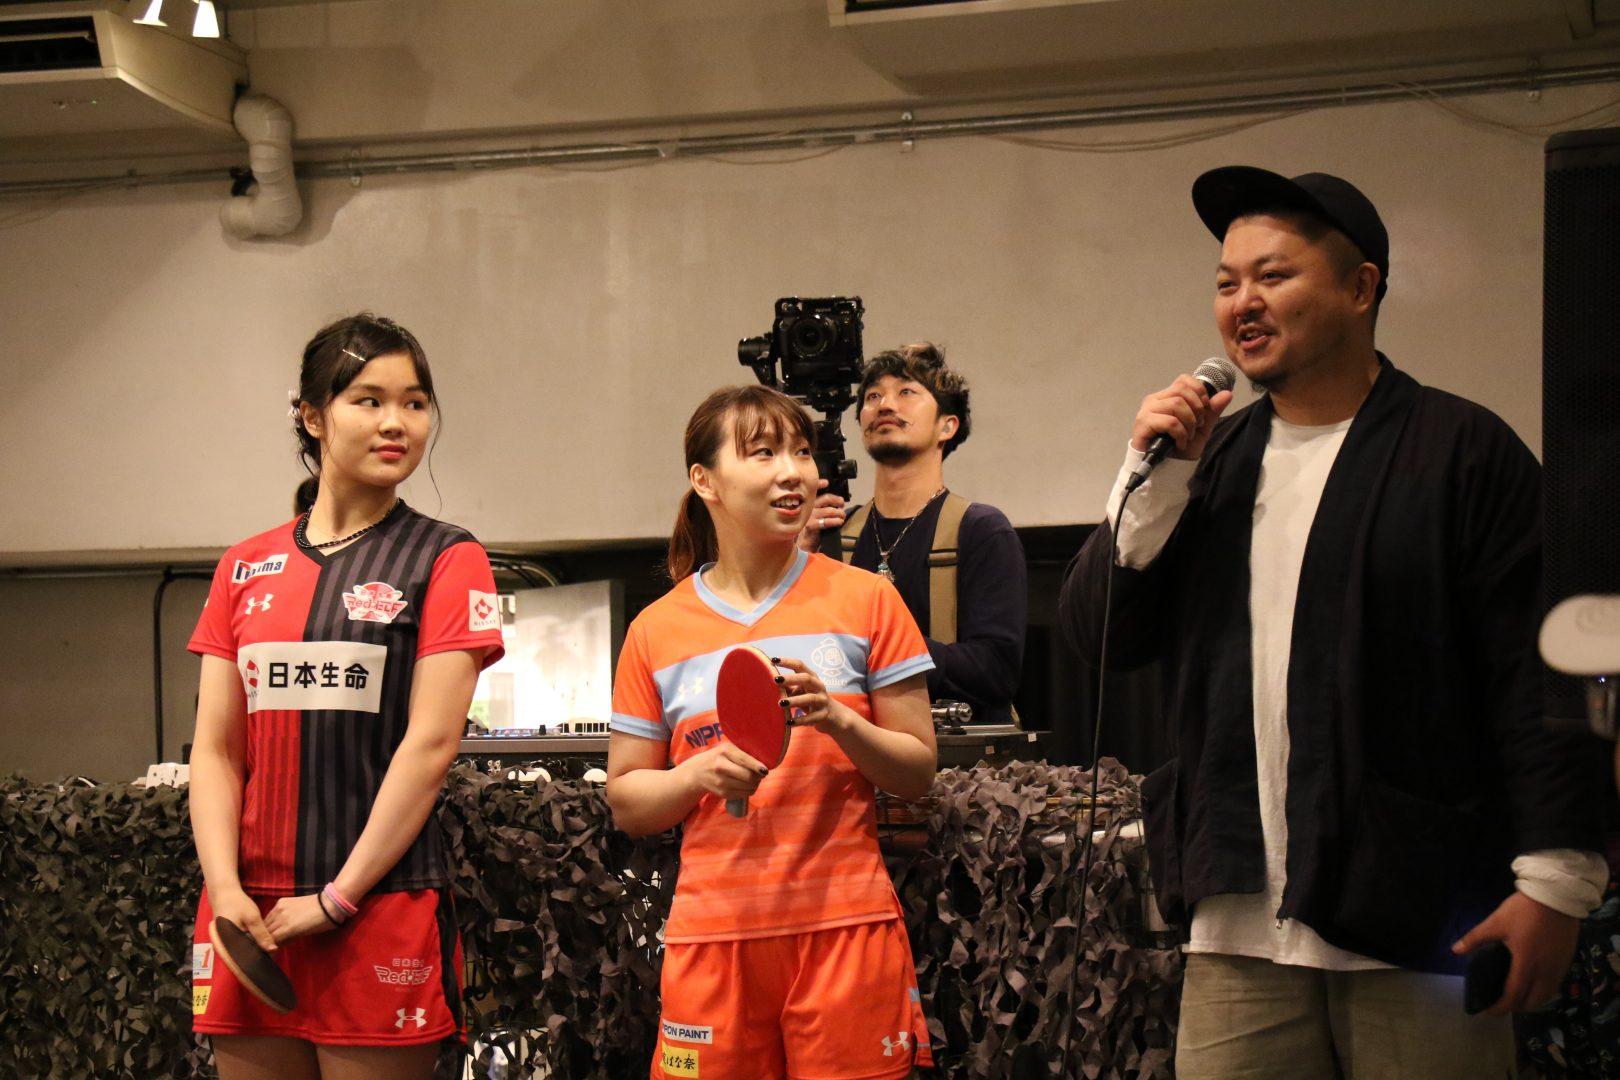 Tリーガー松平、皆川「とても新鮮」 卓球×ファッション×音楽イベント『OSAKA PIN-Q』開催